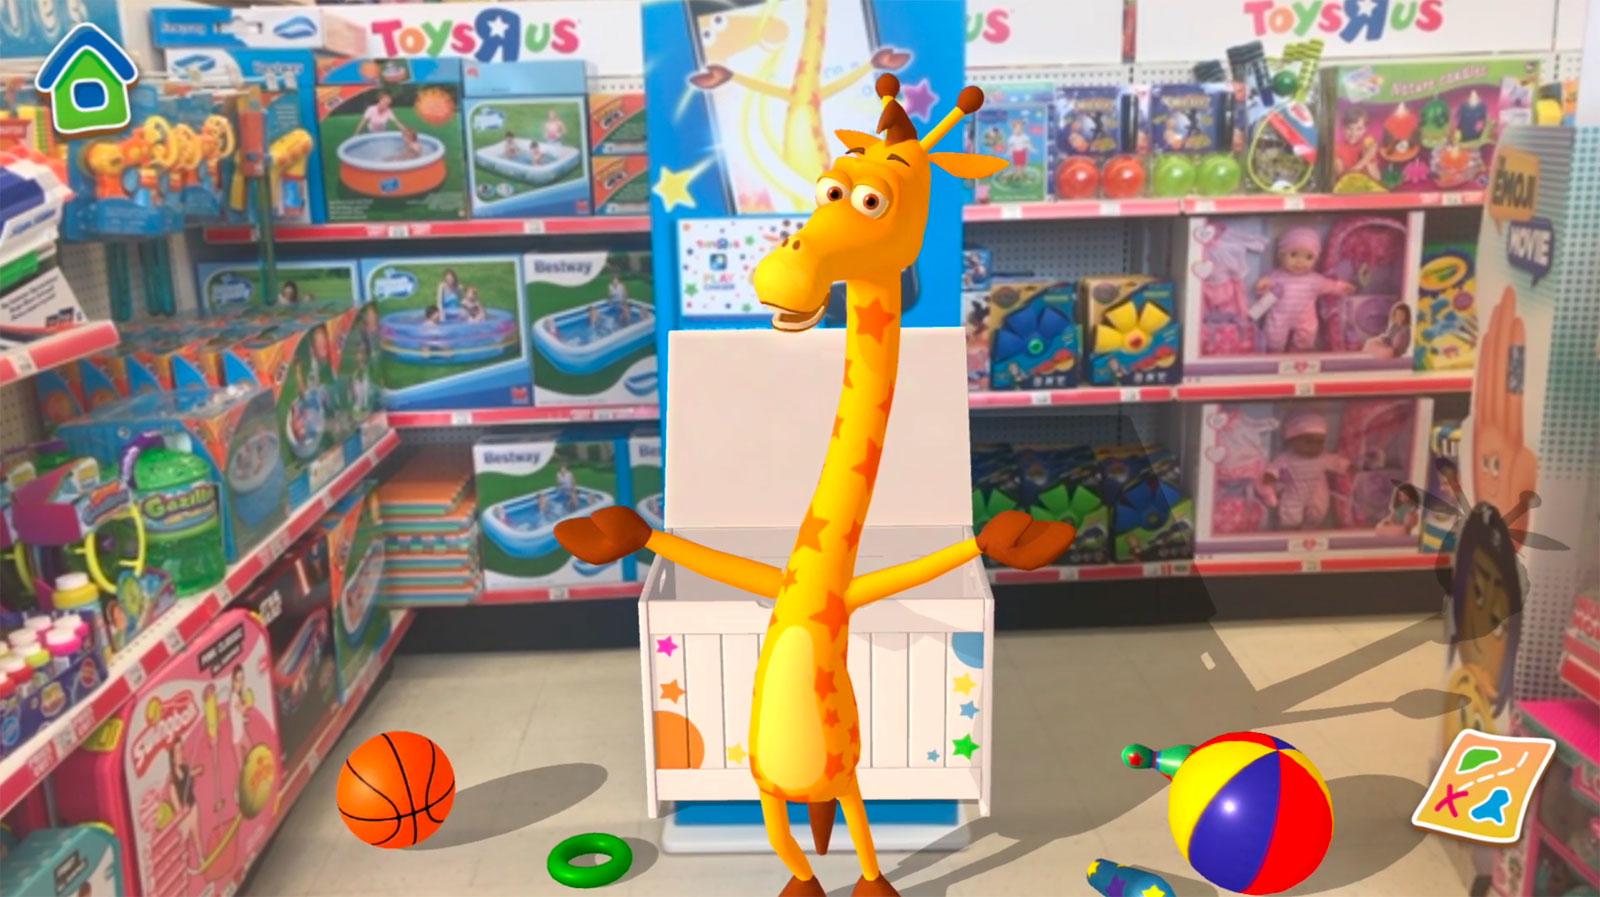 Toys R Us Artırılmış Gerçeklikle Eski Günlerine Dönmeyi Hedefliyor